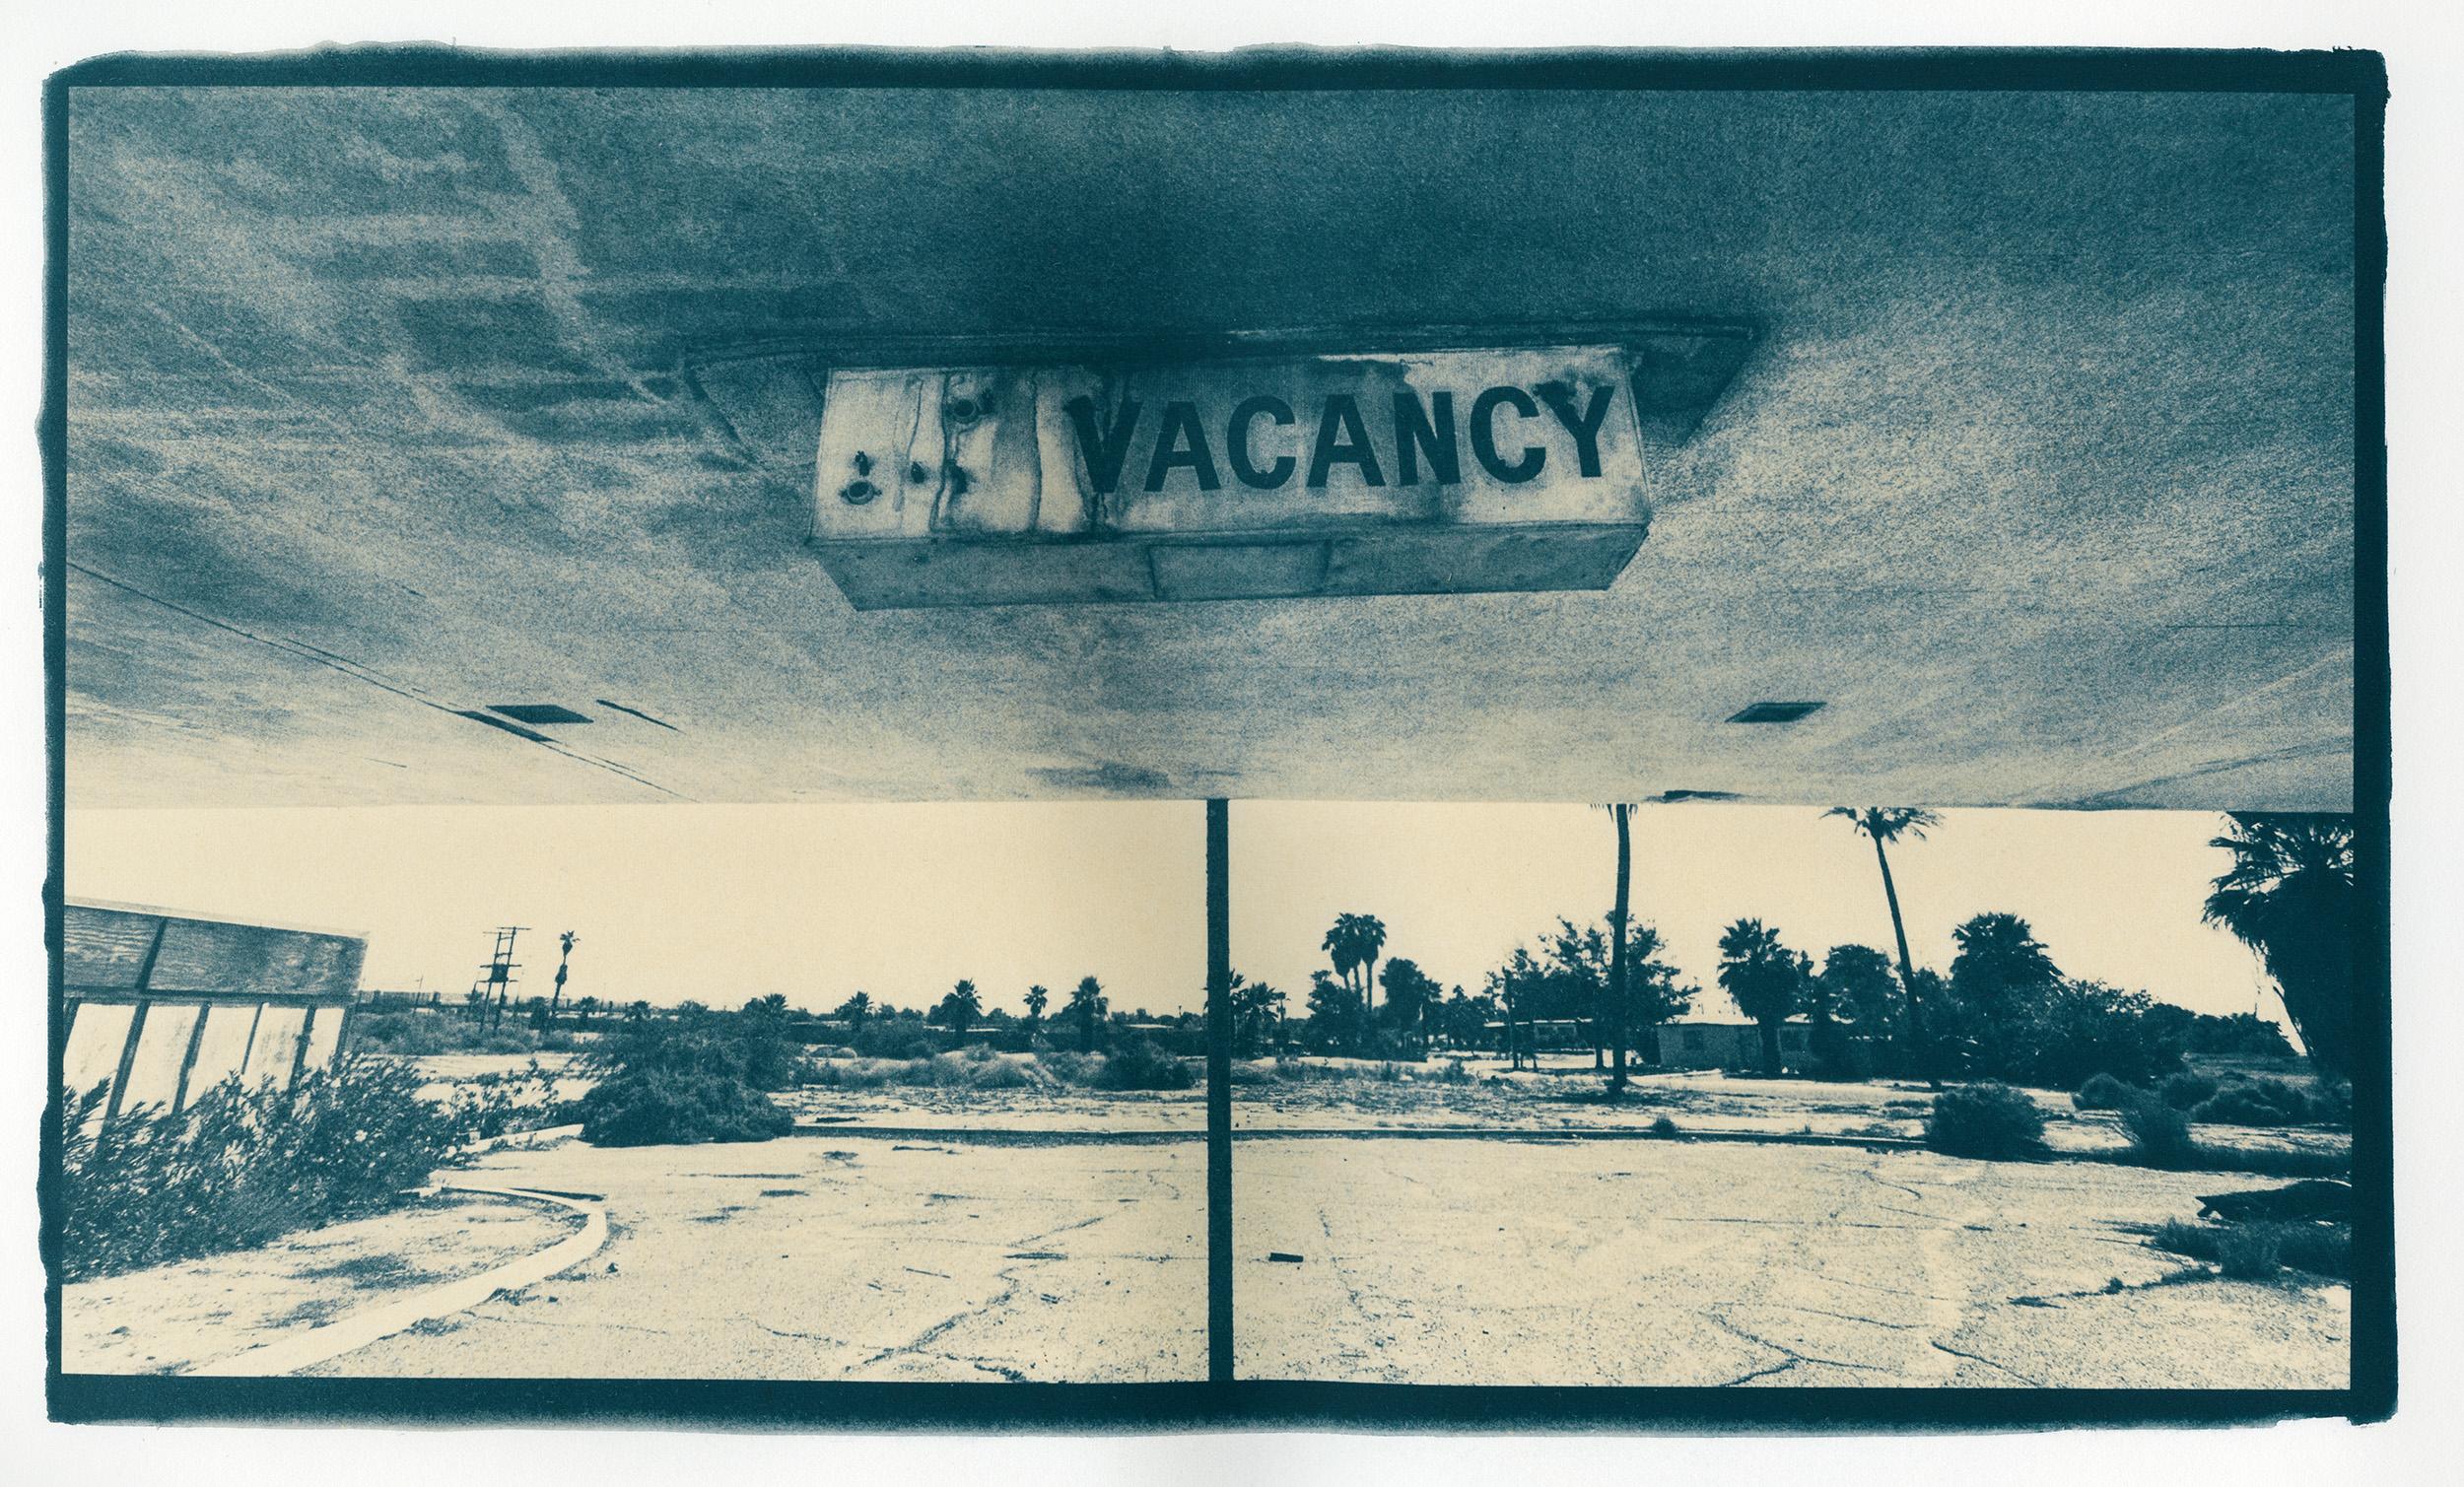 Vacancy002-Edit.jpg